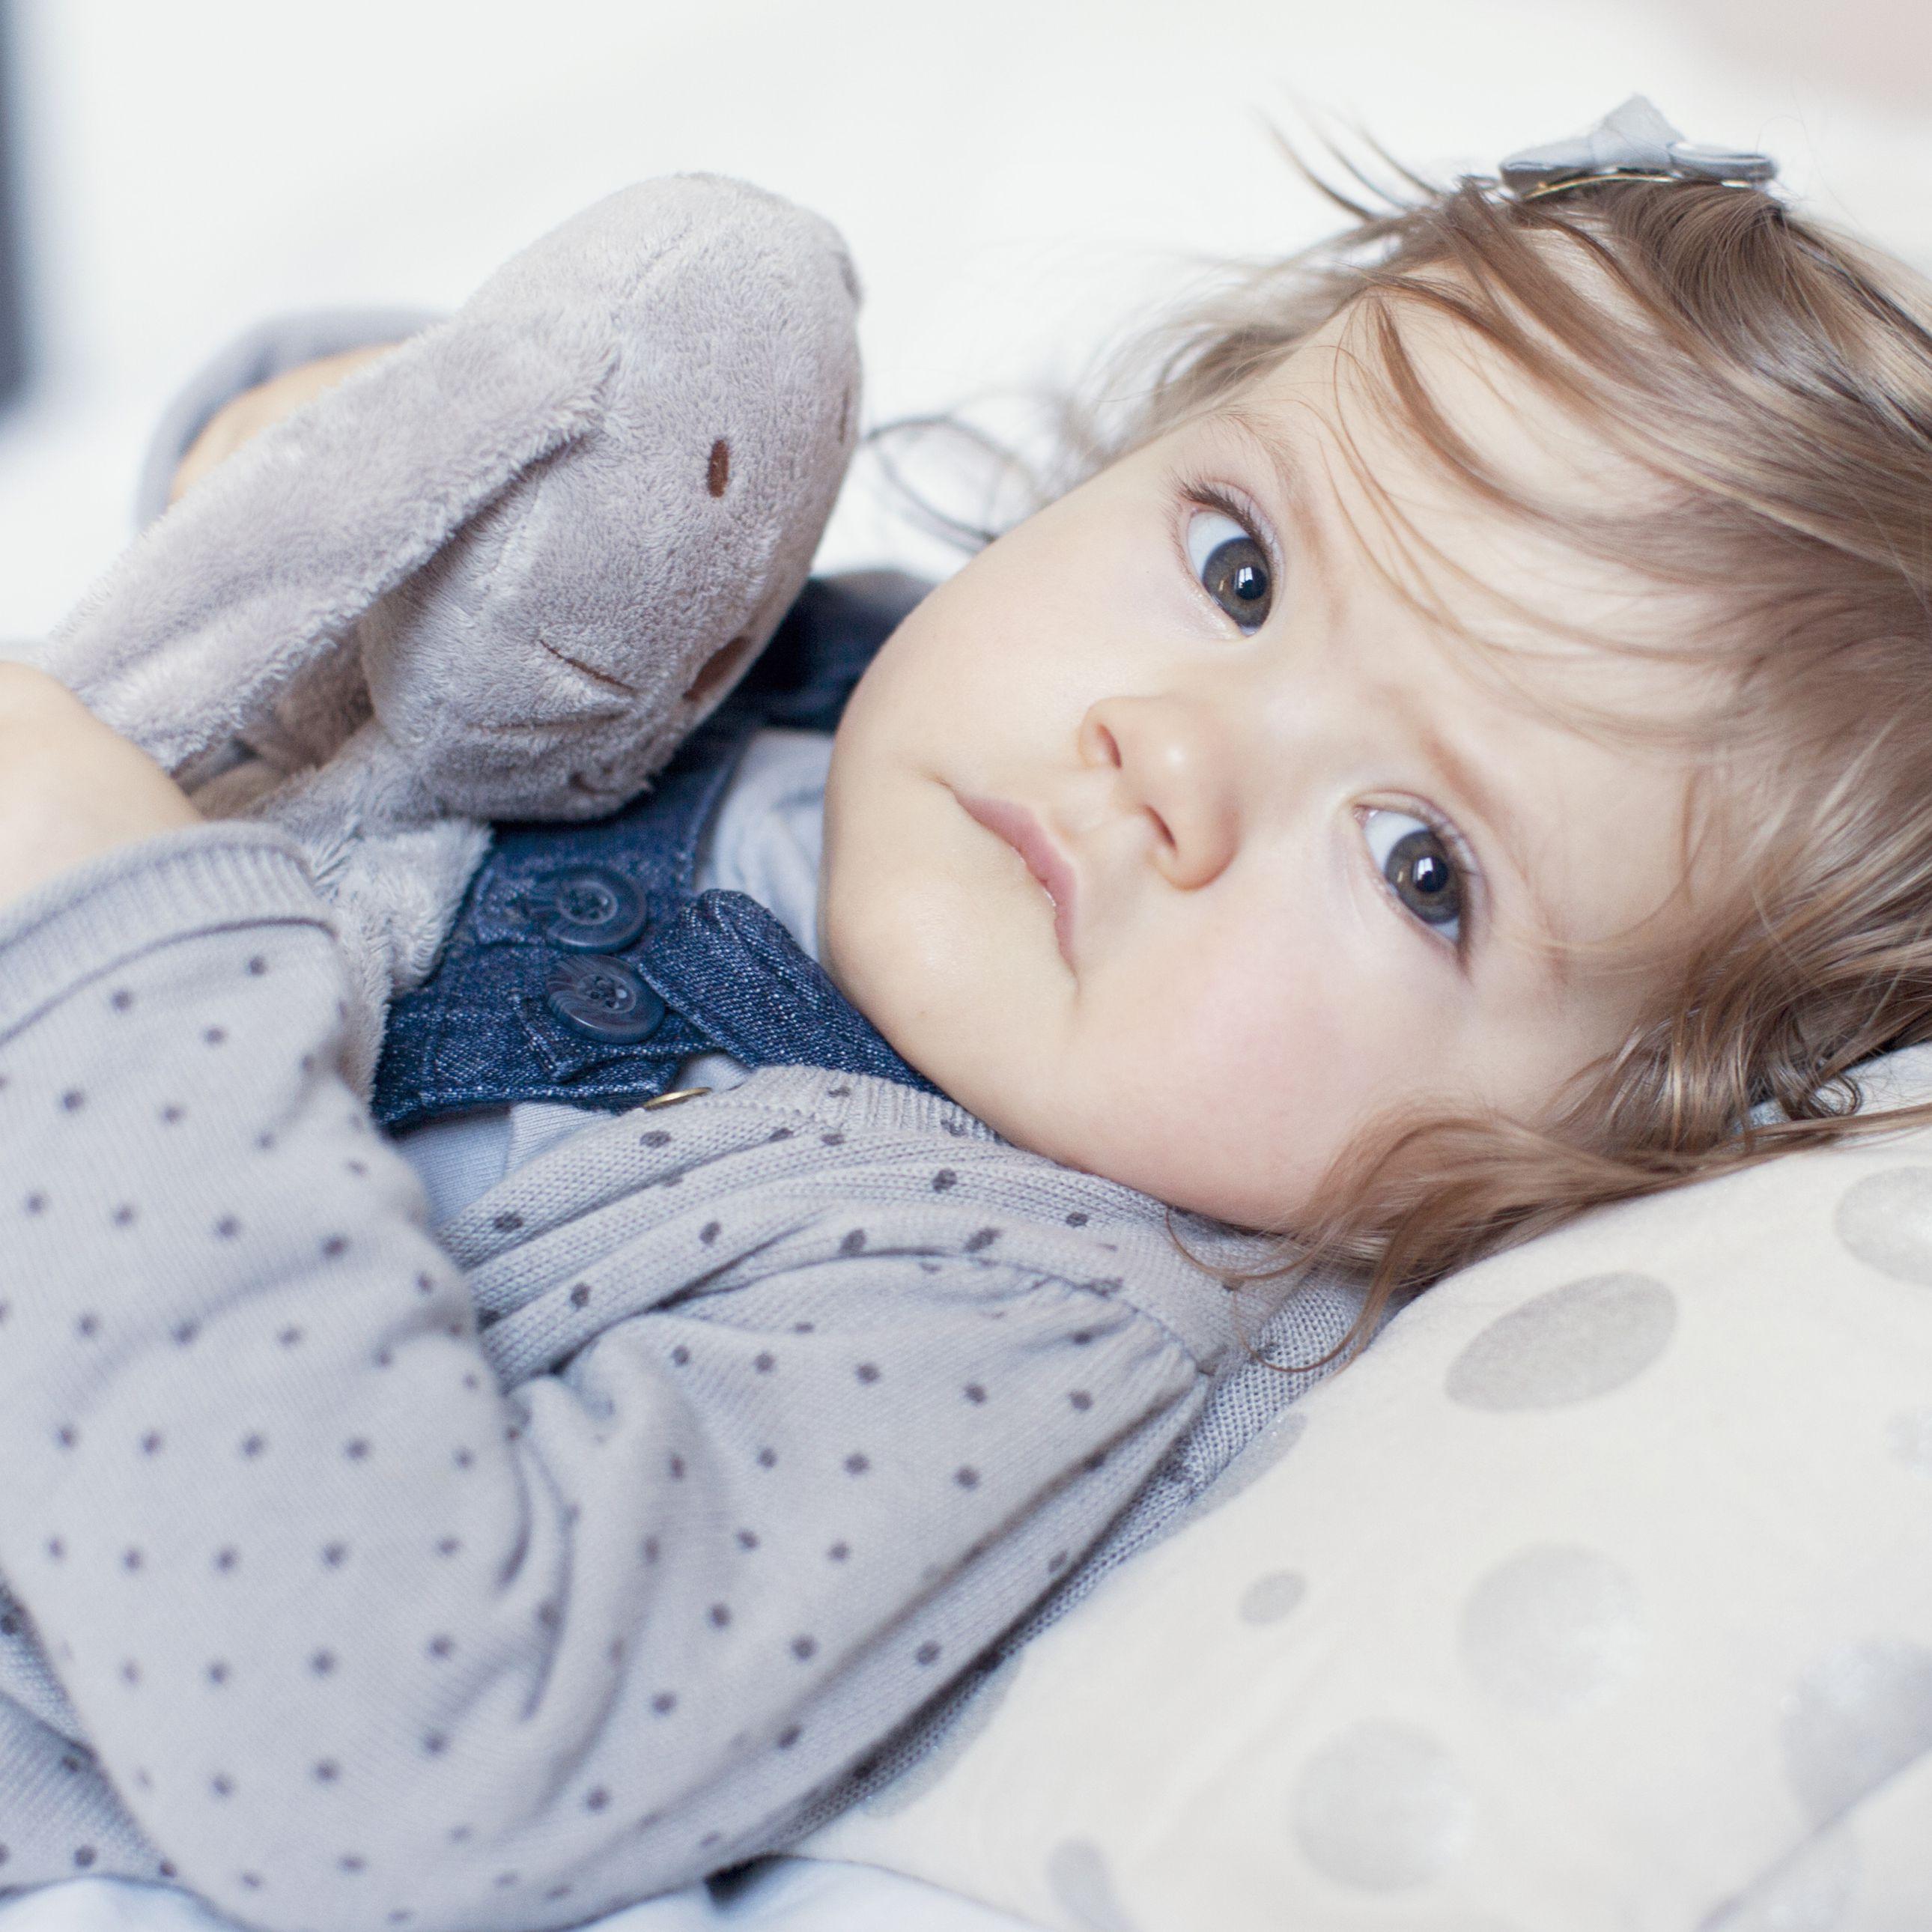 Hình ảnh đứa bé xinh đẹp đang mếu